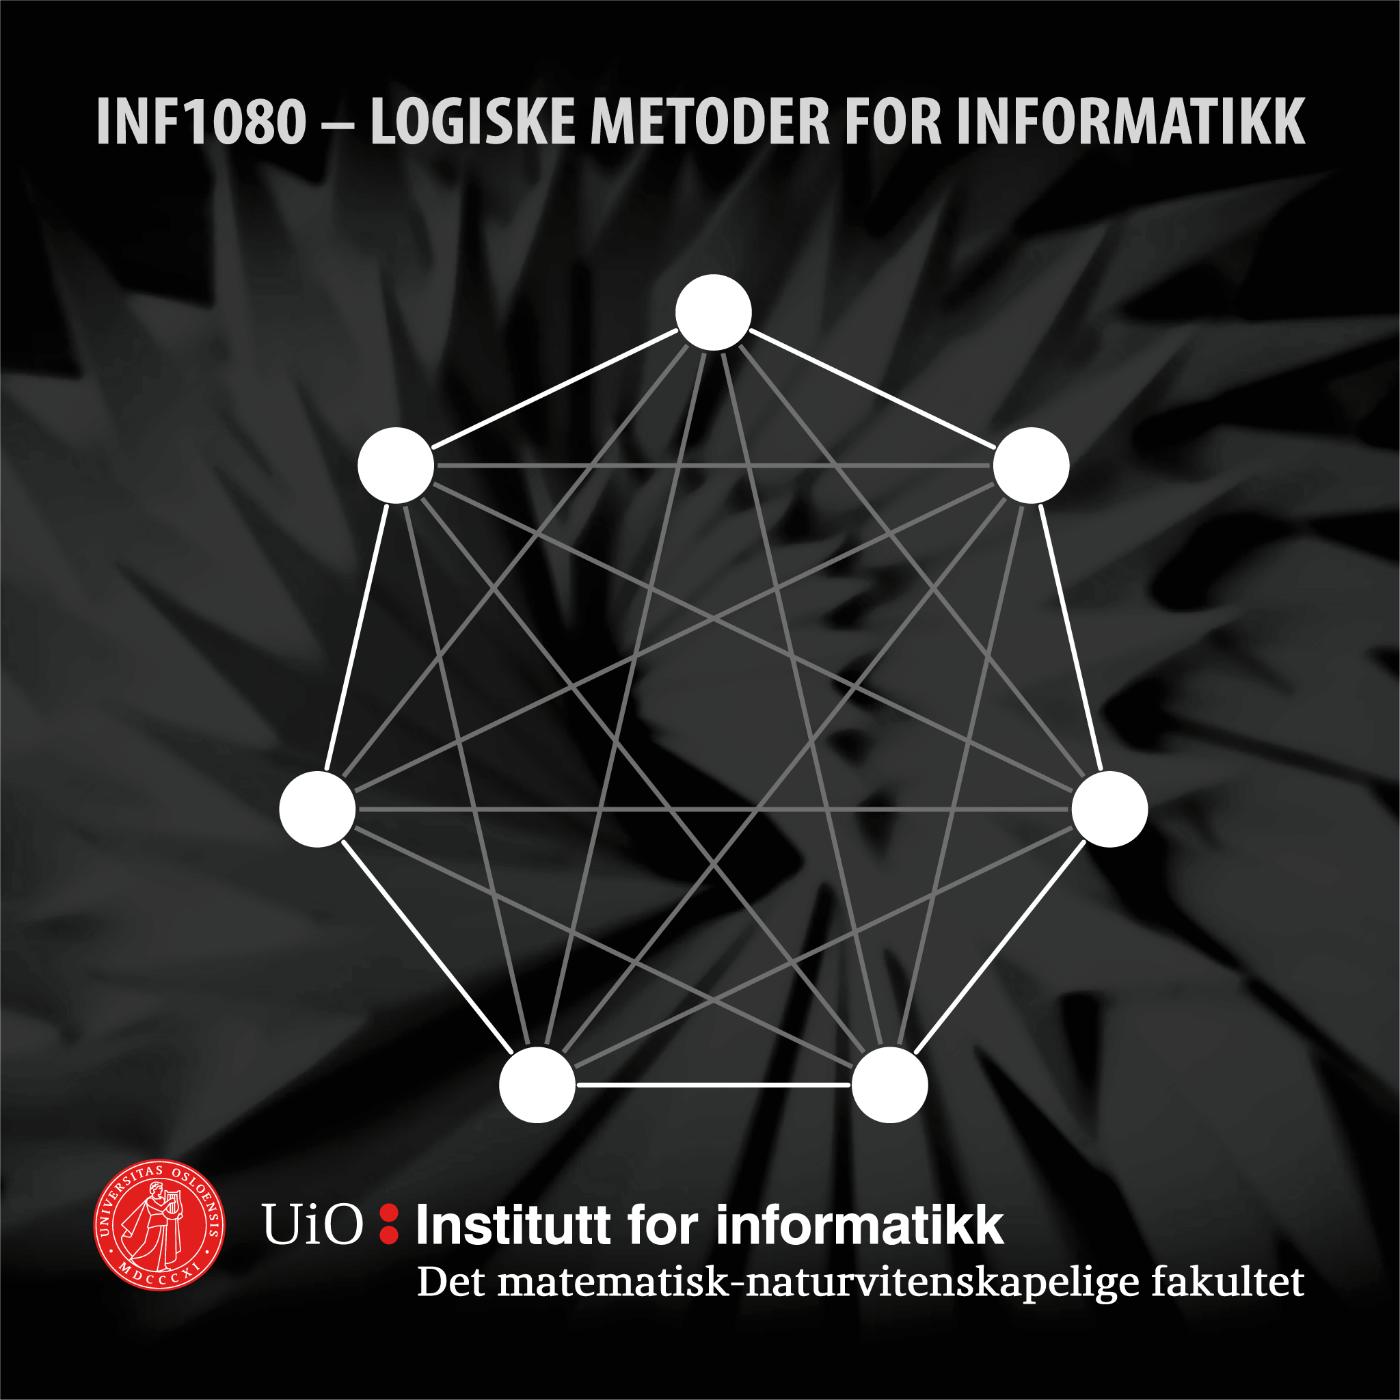 INF1080 – Logiske metoder for informatikk